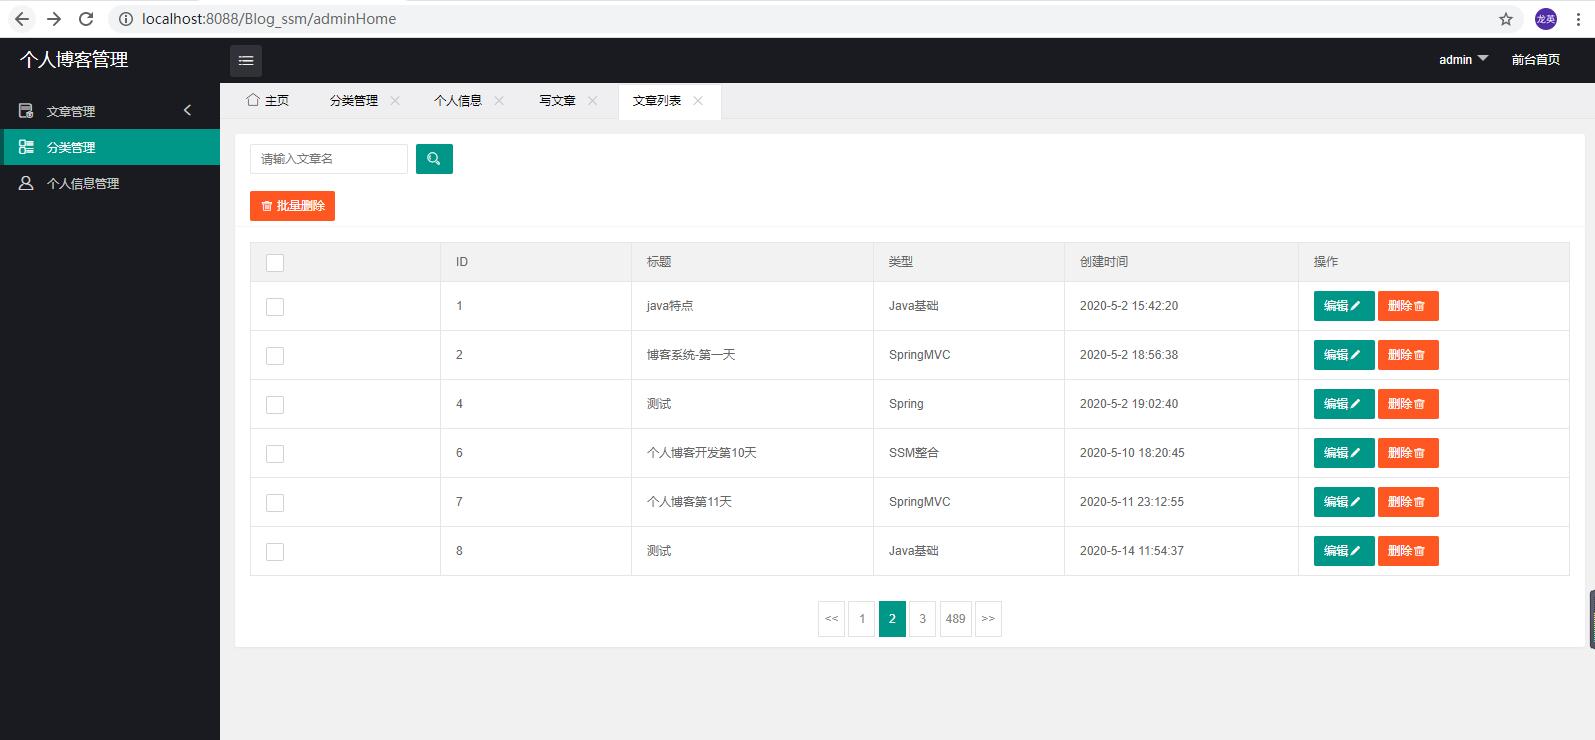 基于SSM实现简单的个人博客管理系统源码C5008